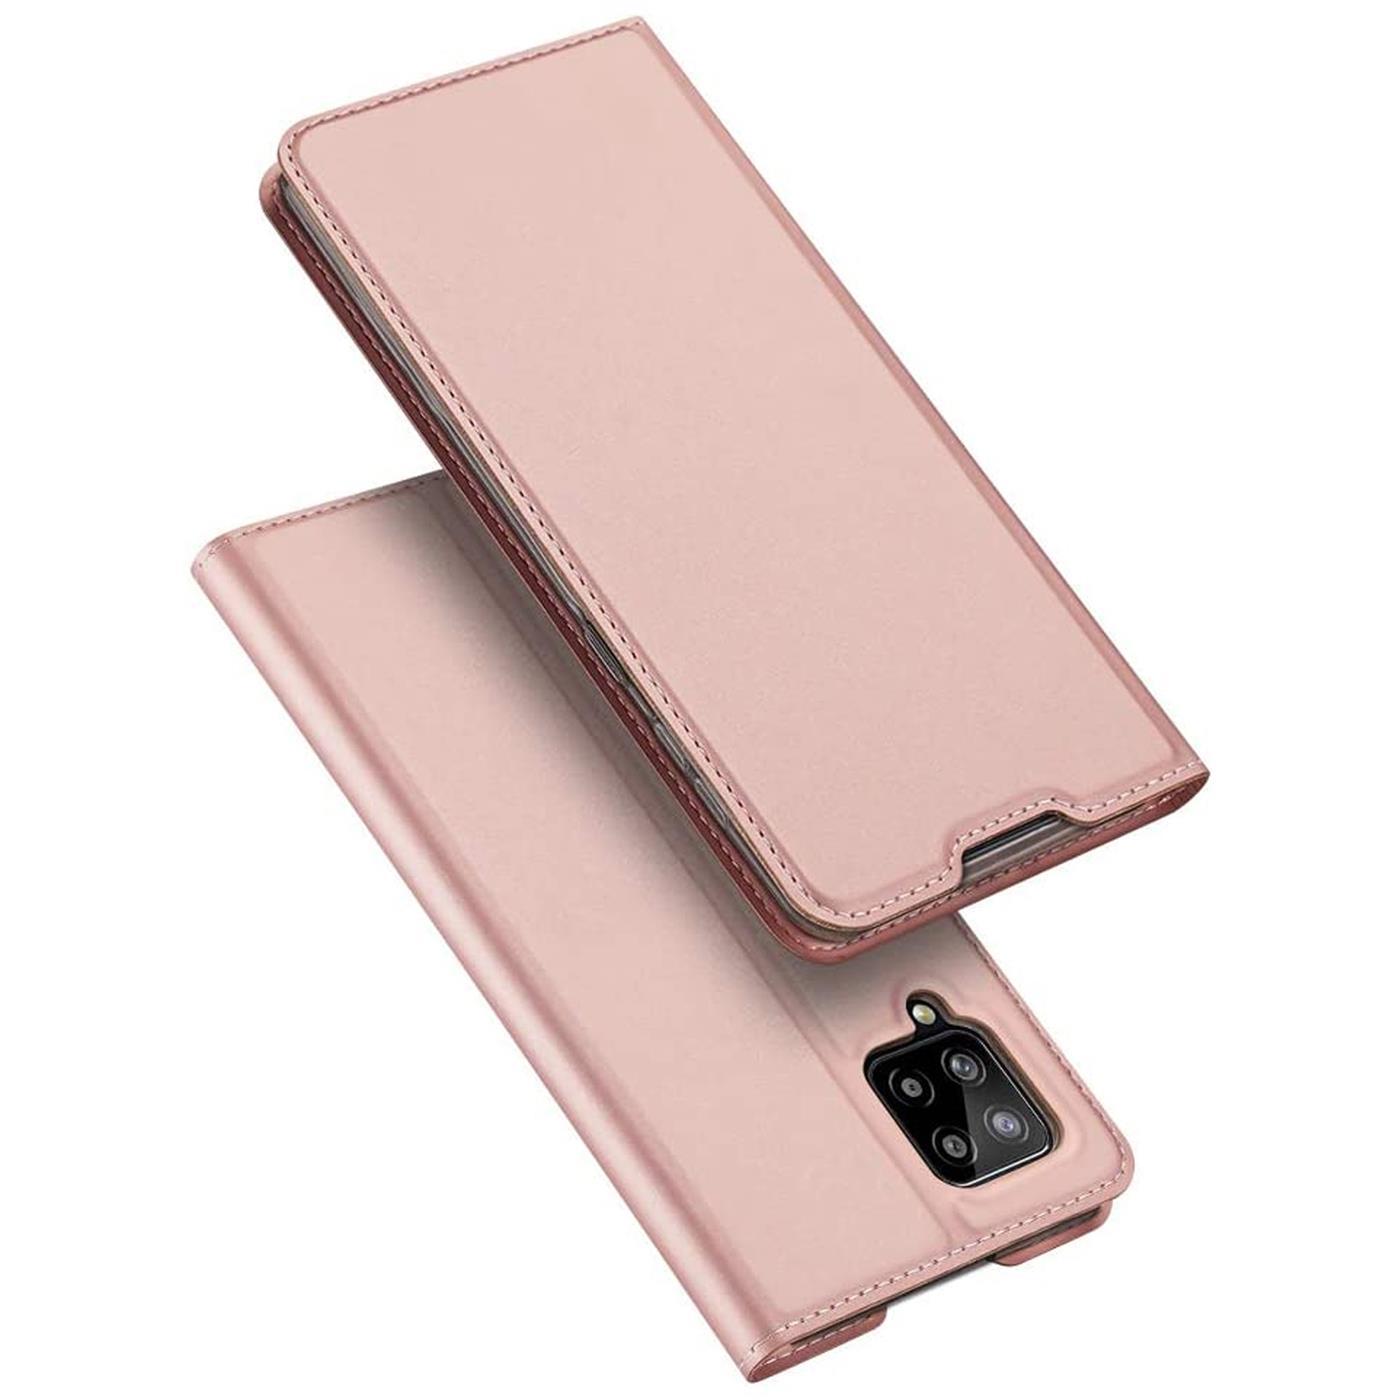 miniatura 15 - Funda de móvil para Samsung Galaxy a12 m12, funda protectora Book Funda protectora móvil cartera cover